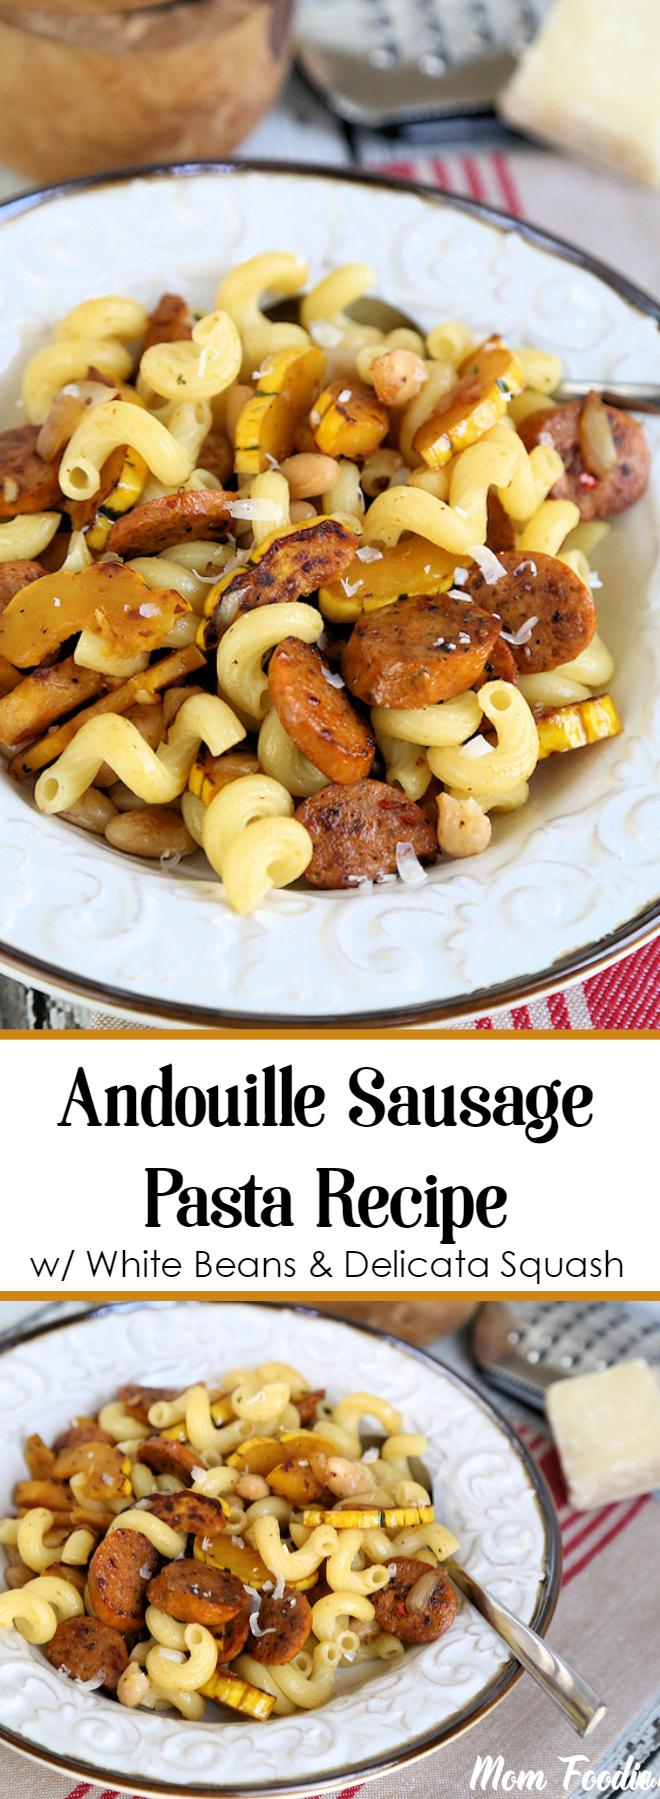 Andouille Sausage Pasta Recipe with White Beans & Delicata Squash